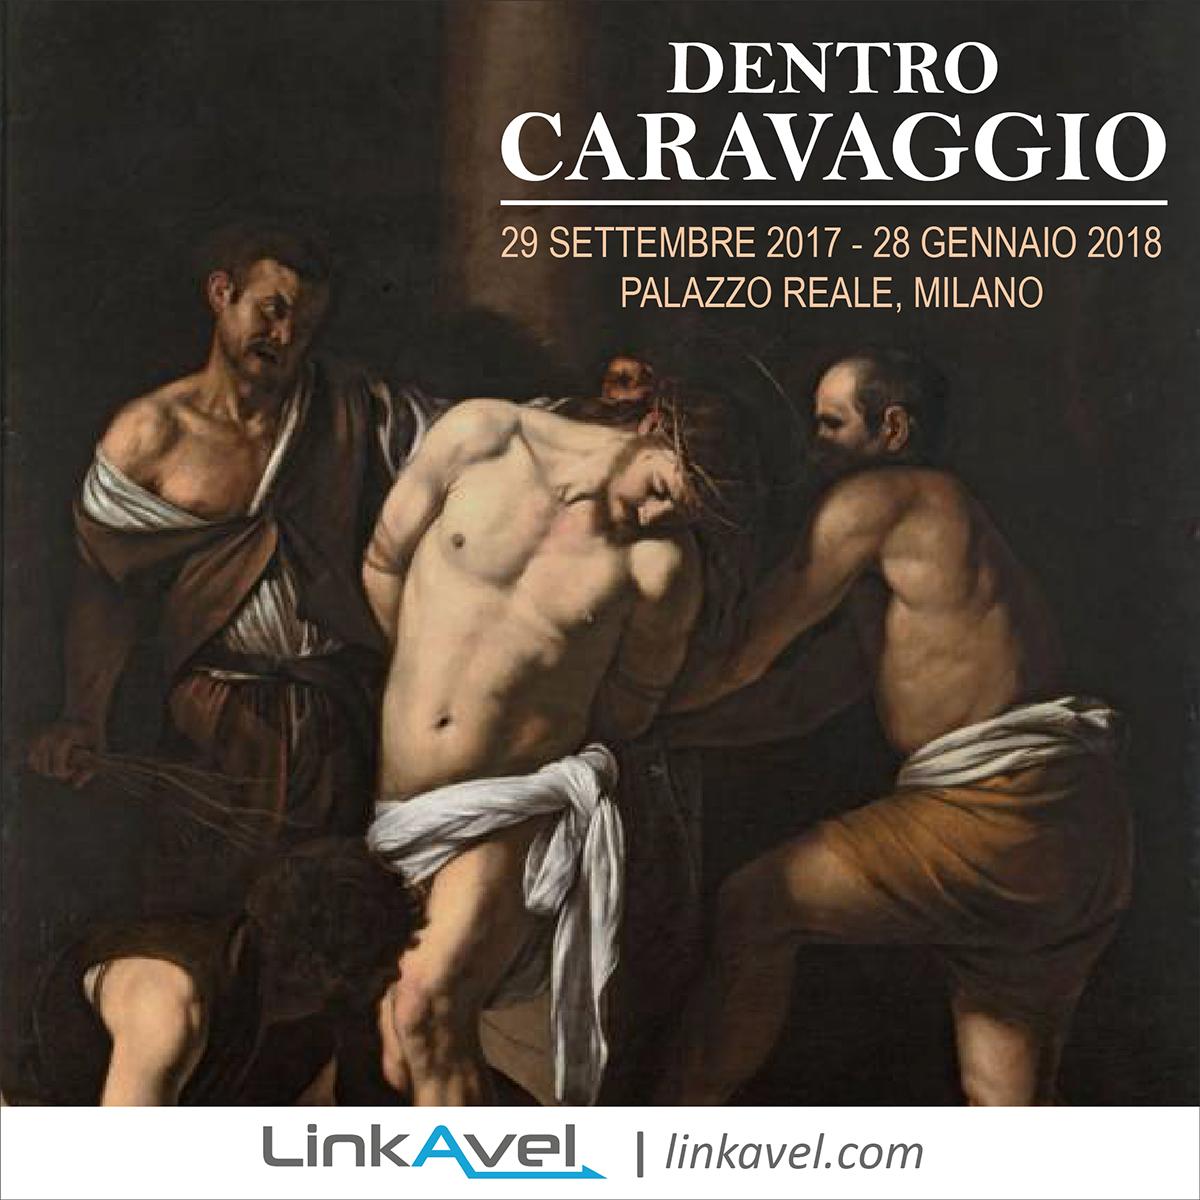 Mostra Dentro Caravaggio, Milano